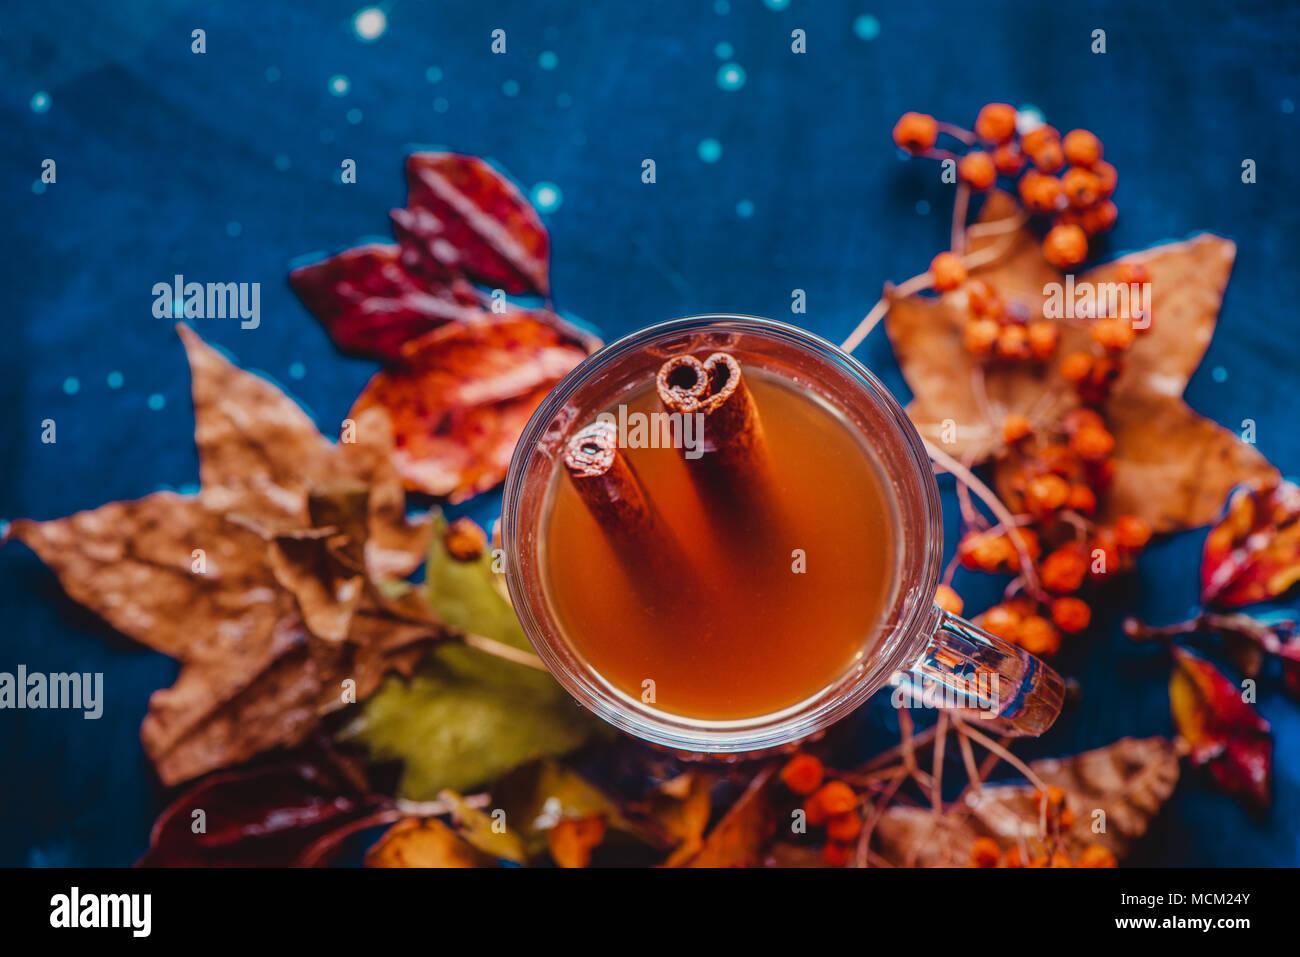 Zimt Kaffee flach mit Laub. Glas Tee Tasse auf einem nassen Holz- Hintergrund mit kopieren. Herbst noch Leben mit Kräutertee trinken. Stockbild